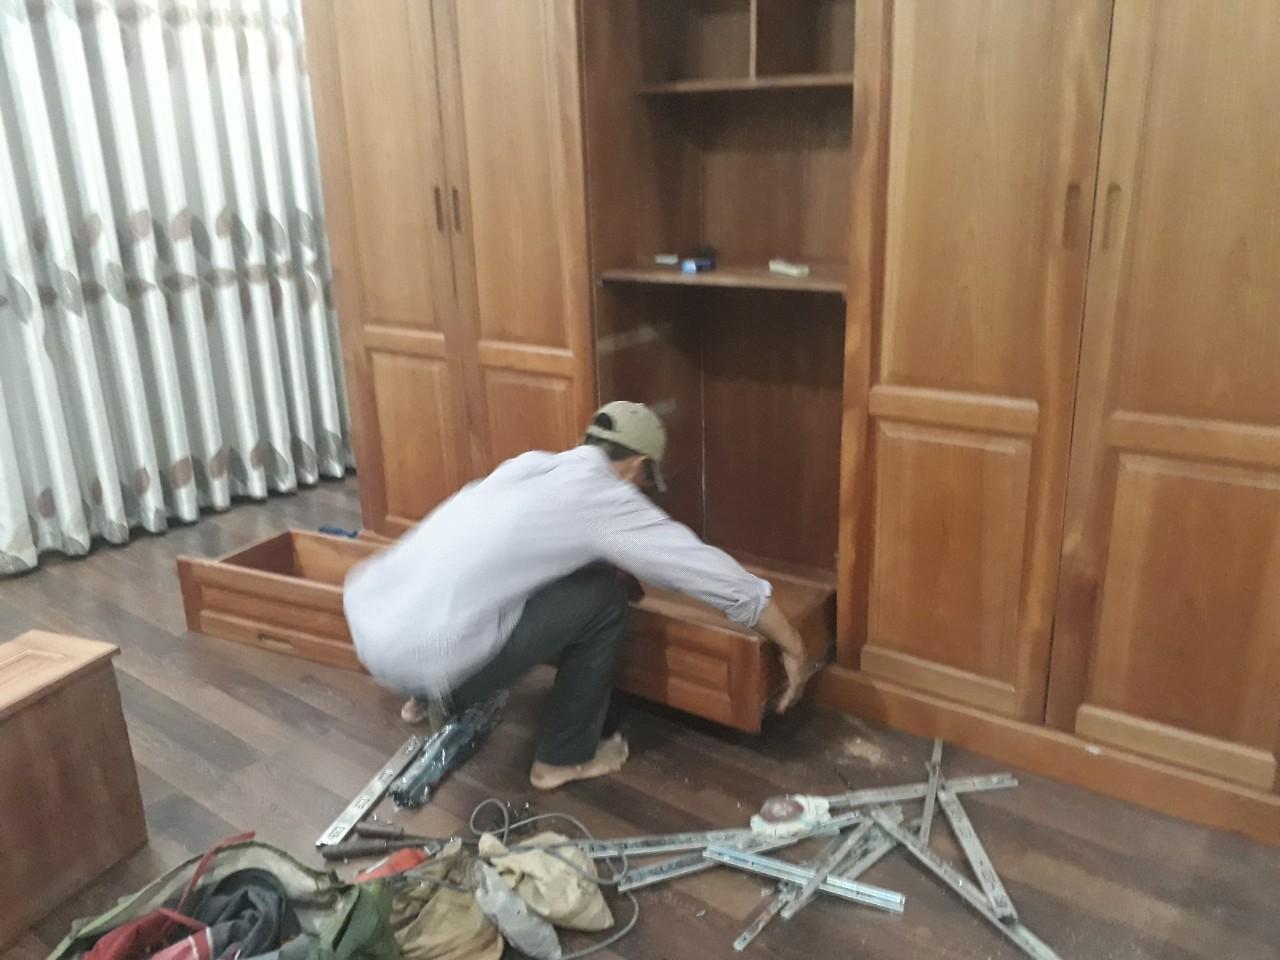 Xưởng sửa chữa đồ gỗ Quang Tùng - Uy tin Tin Cậy số 1 Hà Nội: Hướng dẫn các tháo  lắp tủ gỗ tại nhà đơn giản hiệu quả